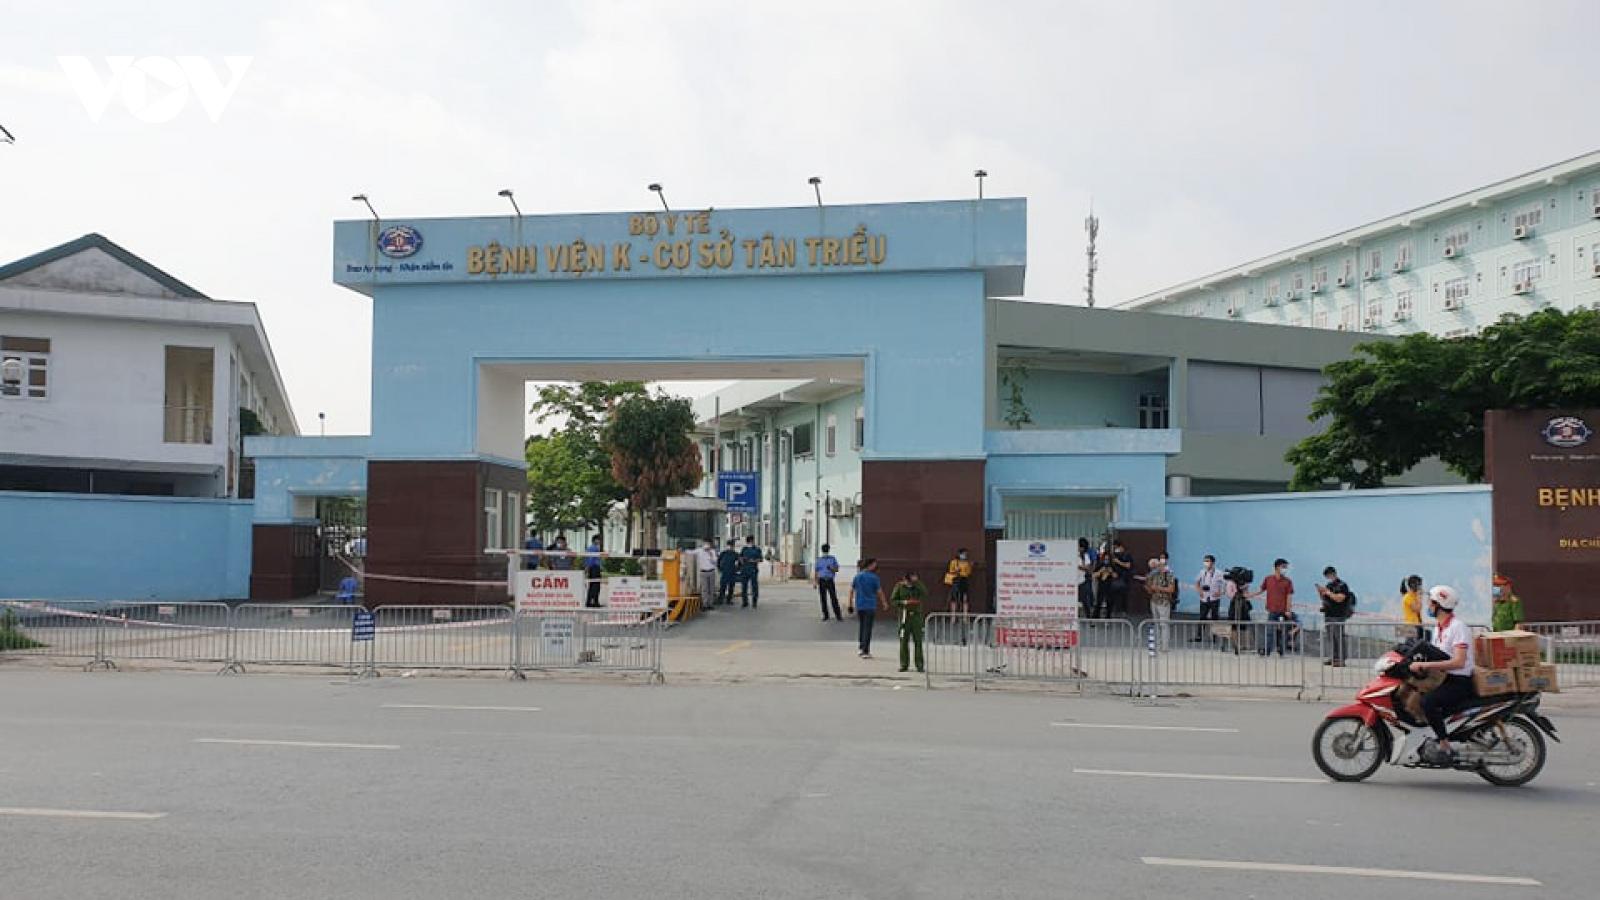 Tạm thời phong tỏa Bệnh viện K để phòng, chống dịch COVID-19